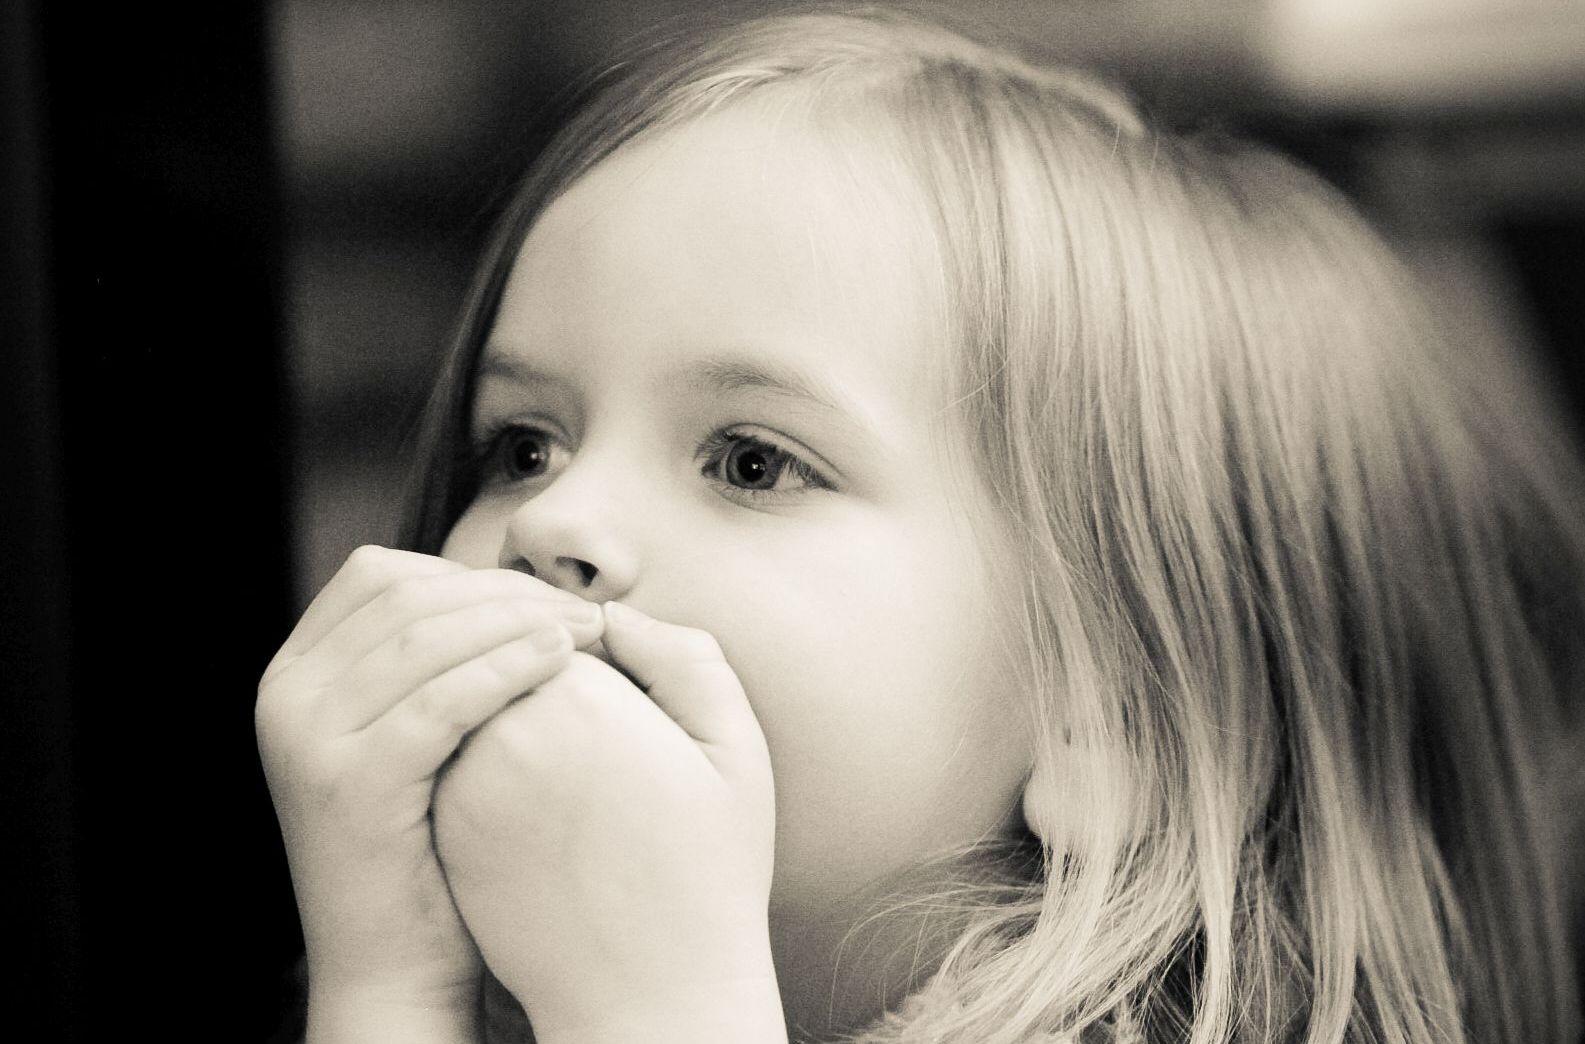 Pinksteren de geest geeft ons het houvast van de hoop remonstranten - Bereik kind boek ...